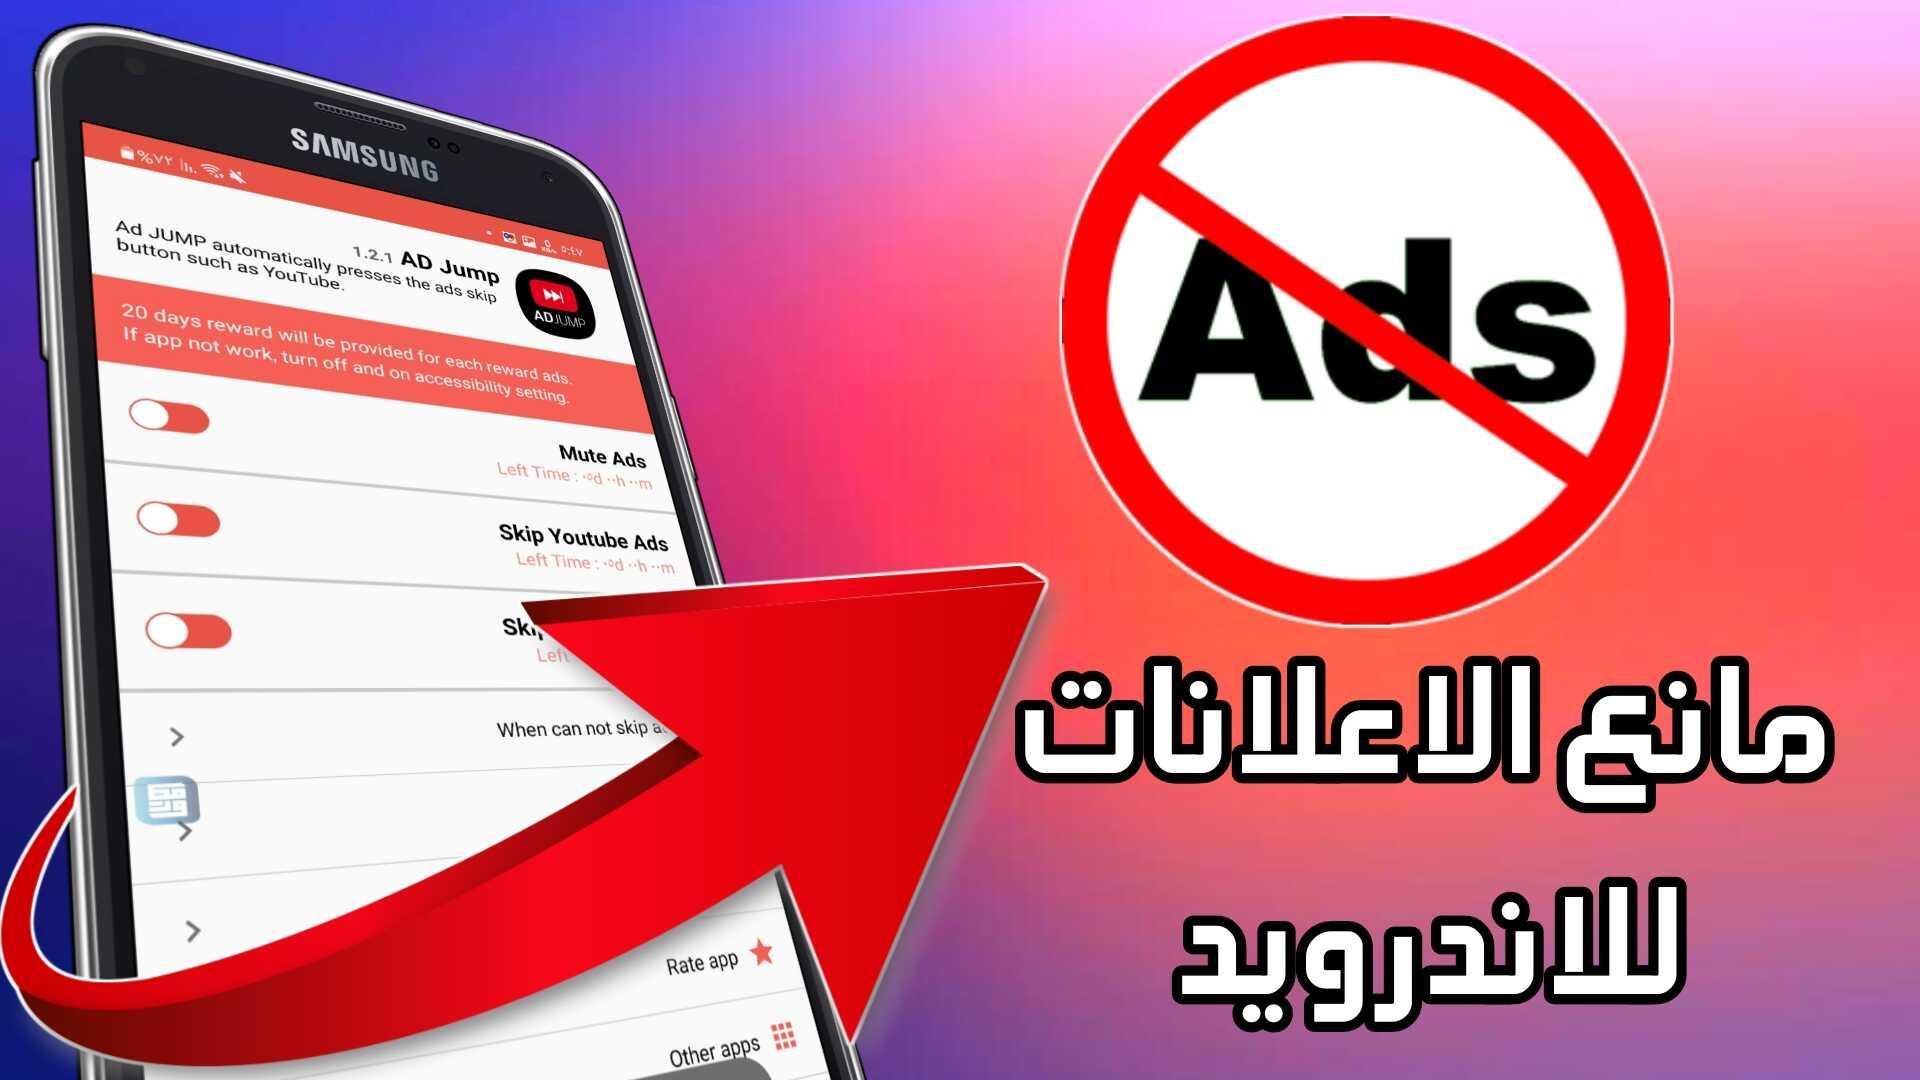 مانع الاعلانات للاندرويد حظر الاعلانات عن كل التطبيقات